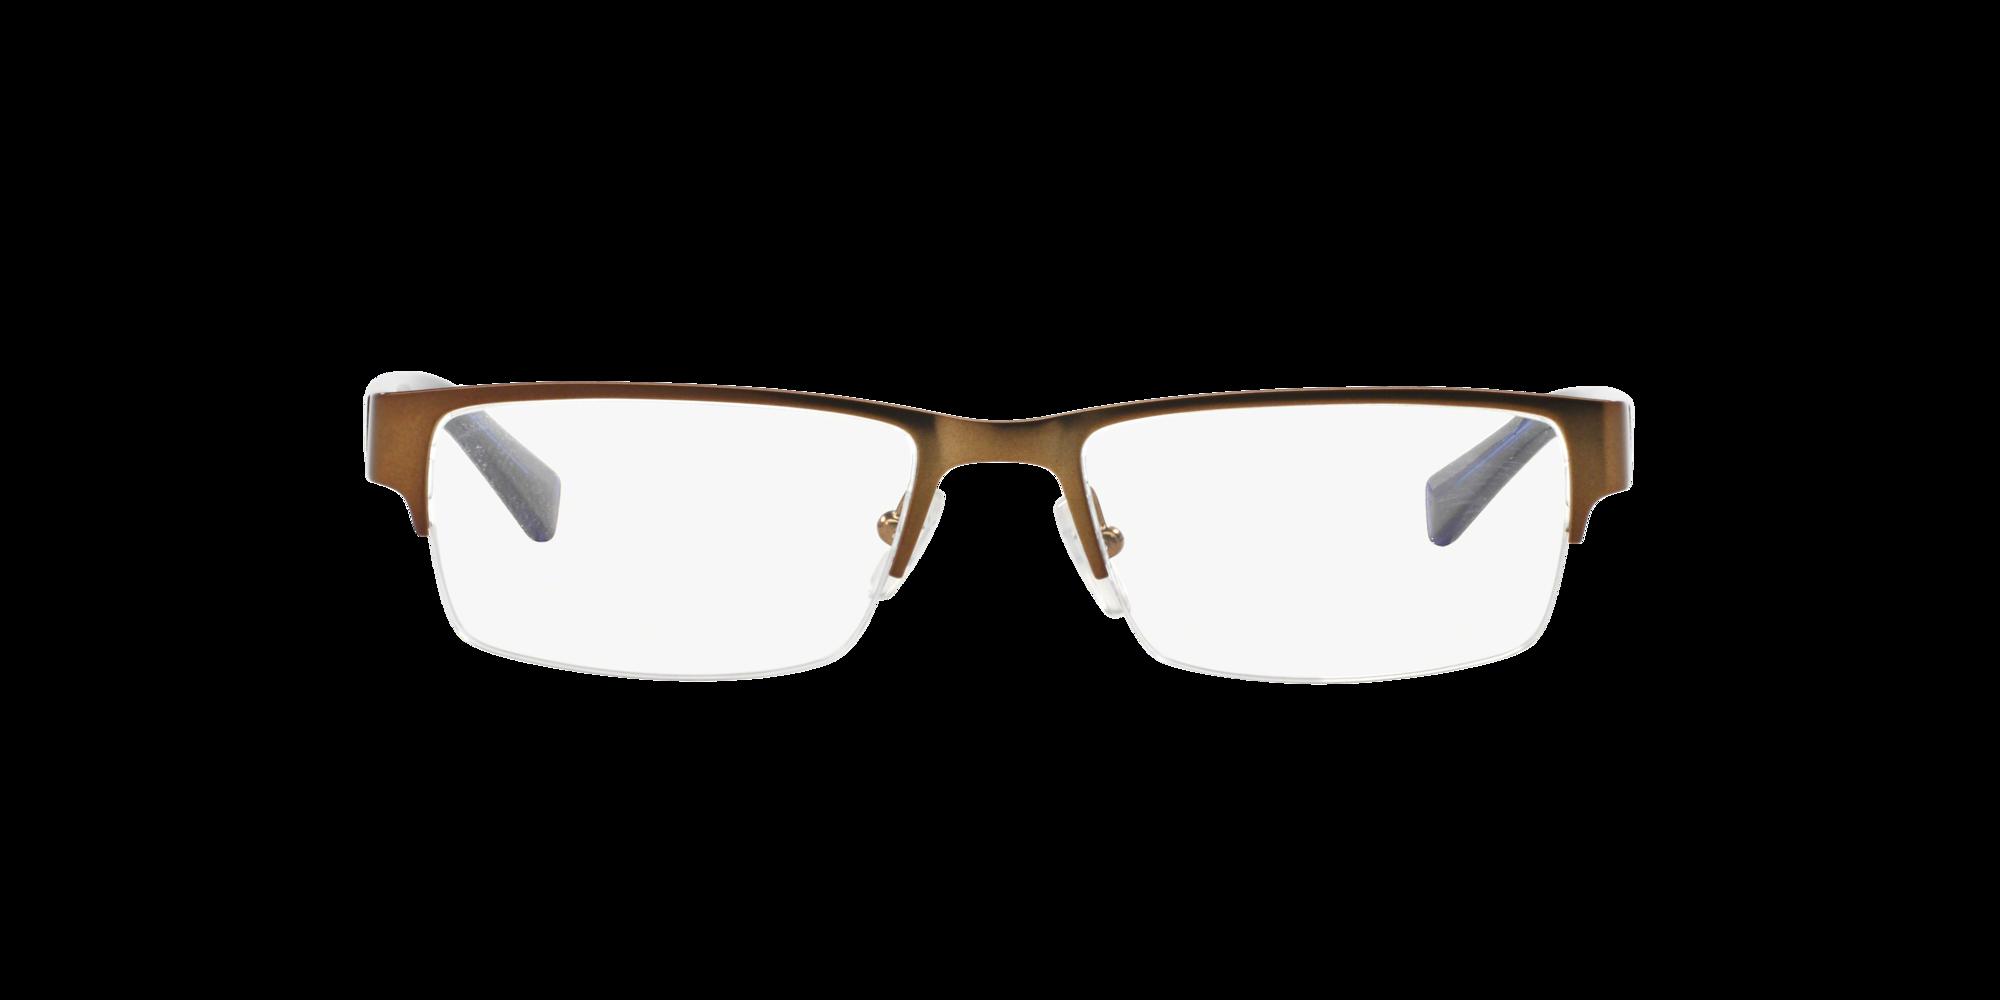 Imagen para AX1015 de LensCrafters |  Espejuelos, espejuelos graduados en línea, gafas